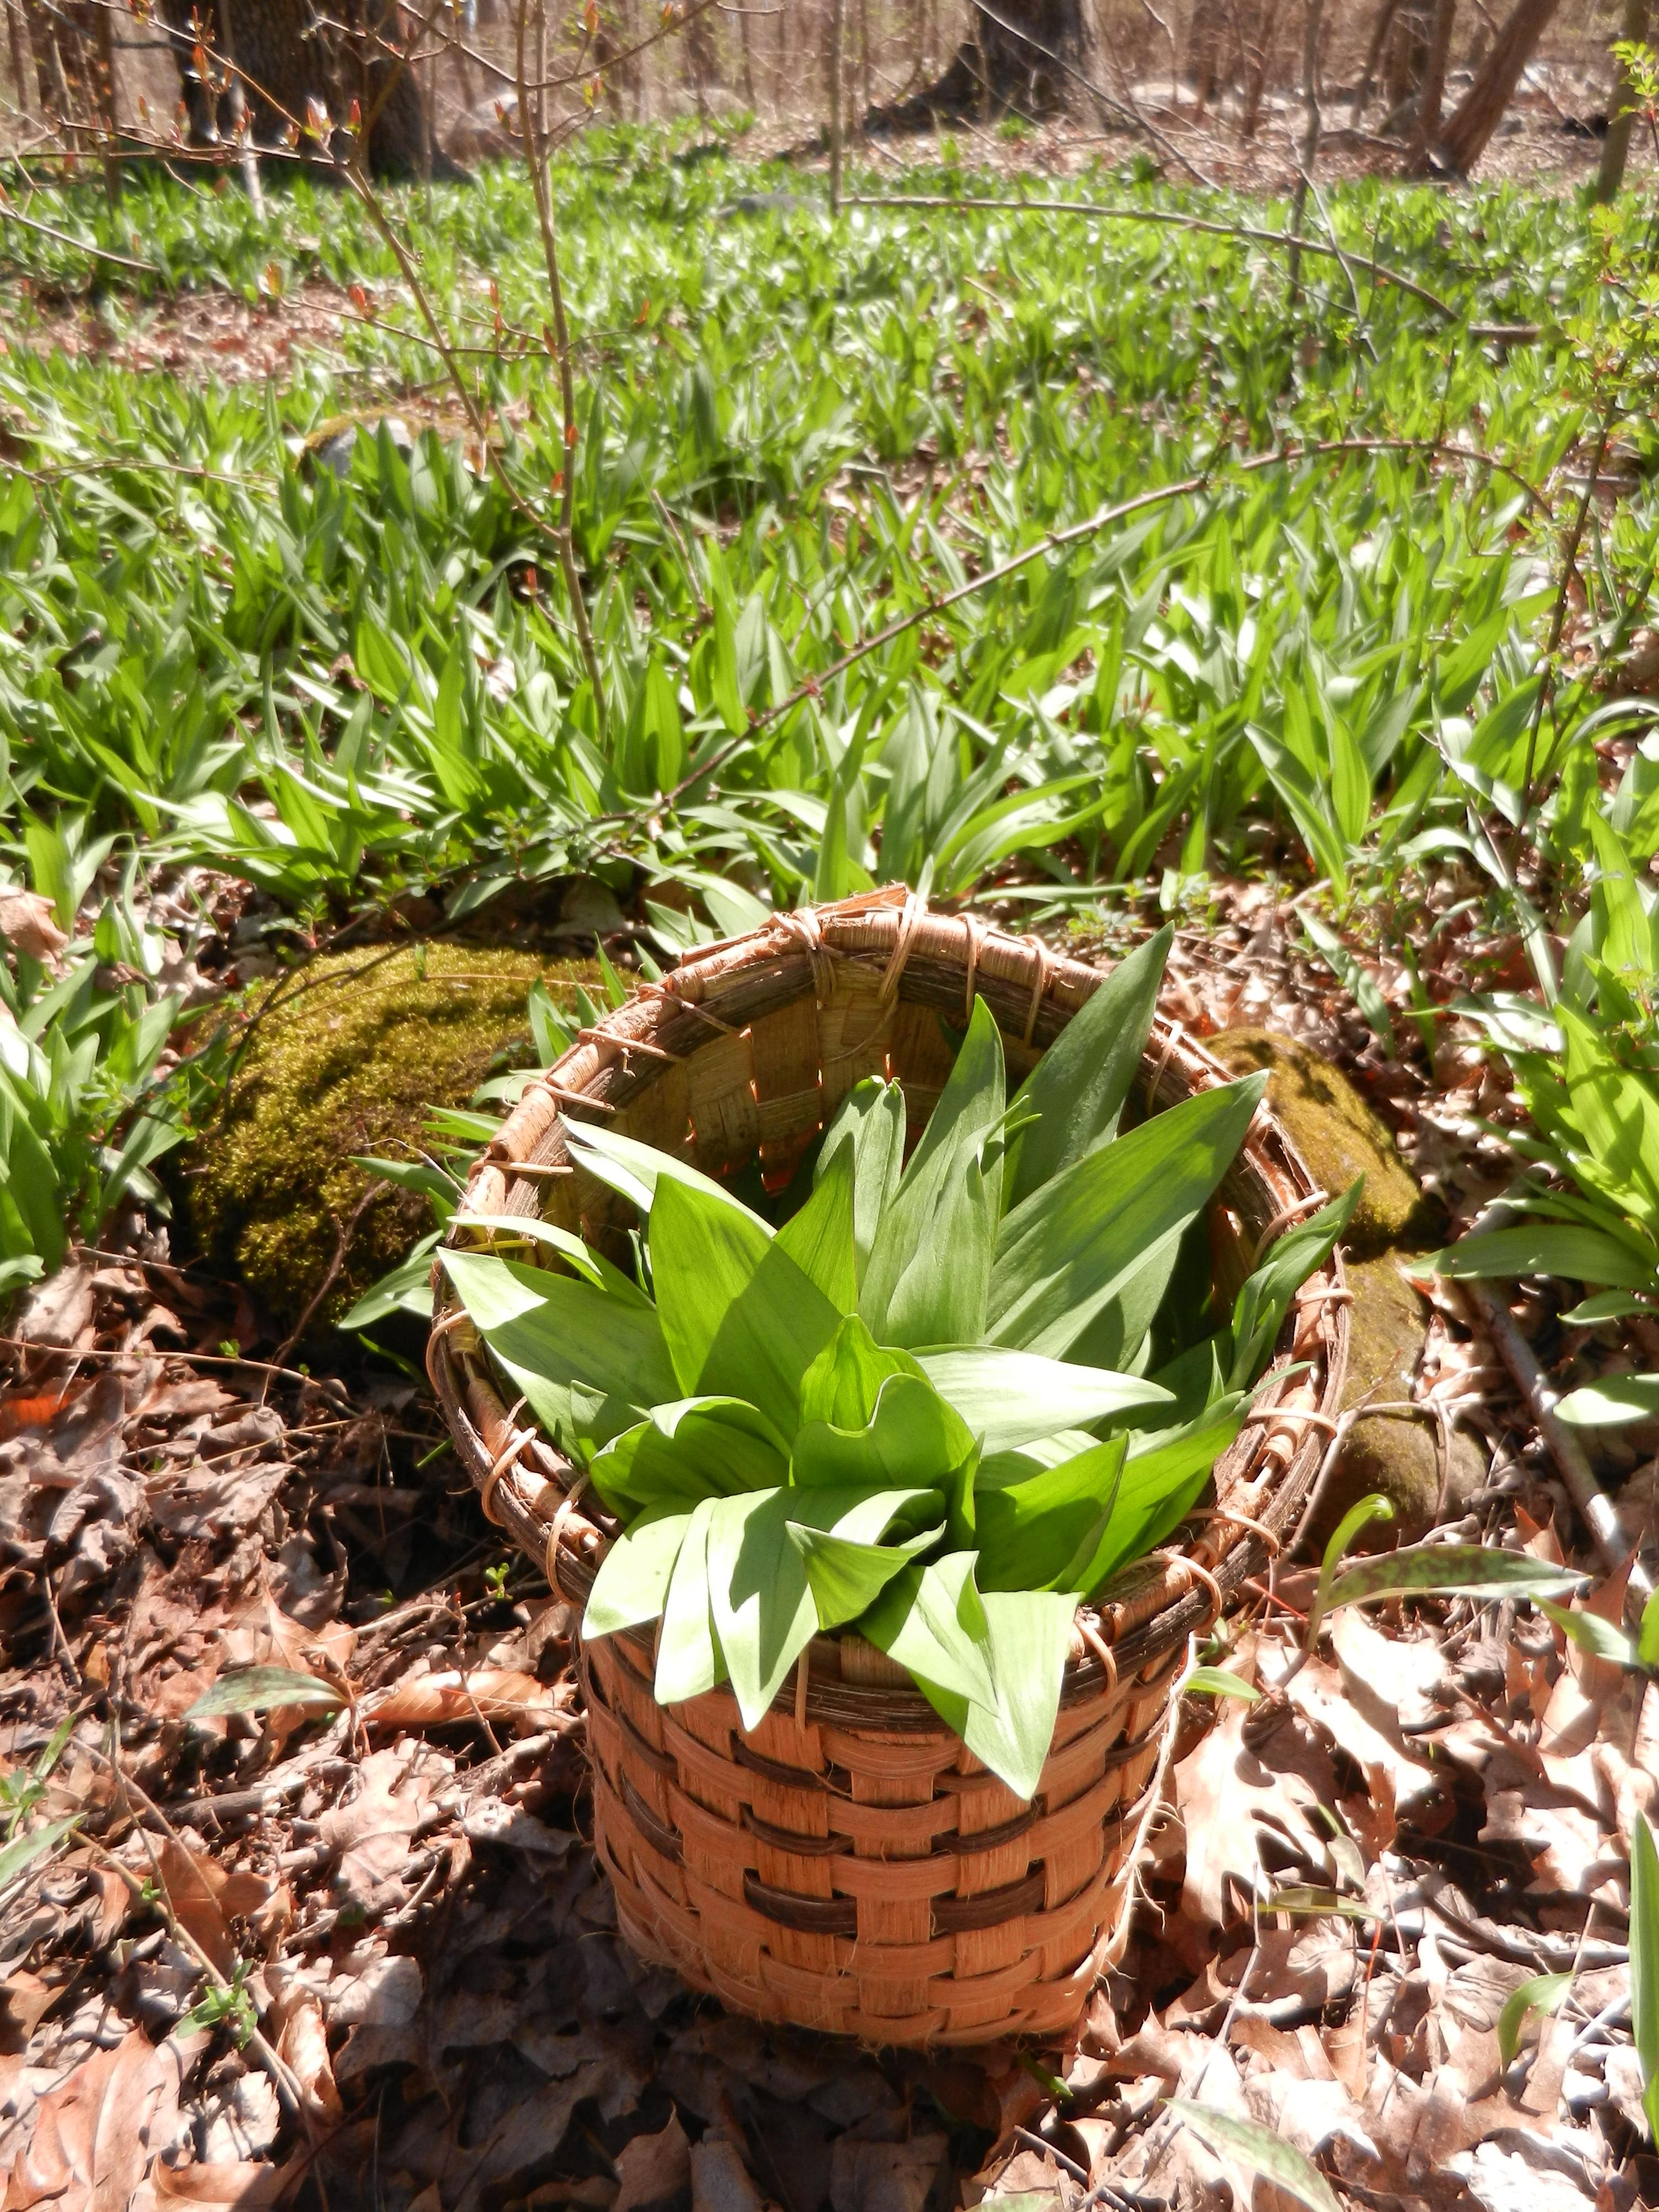 Basket Making Natural Materials : Making natural baskets nature into action